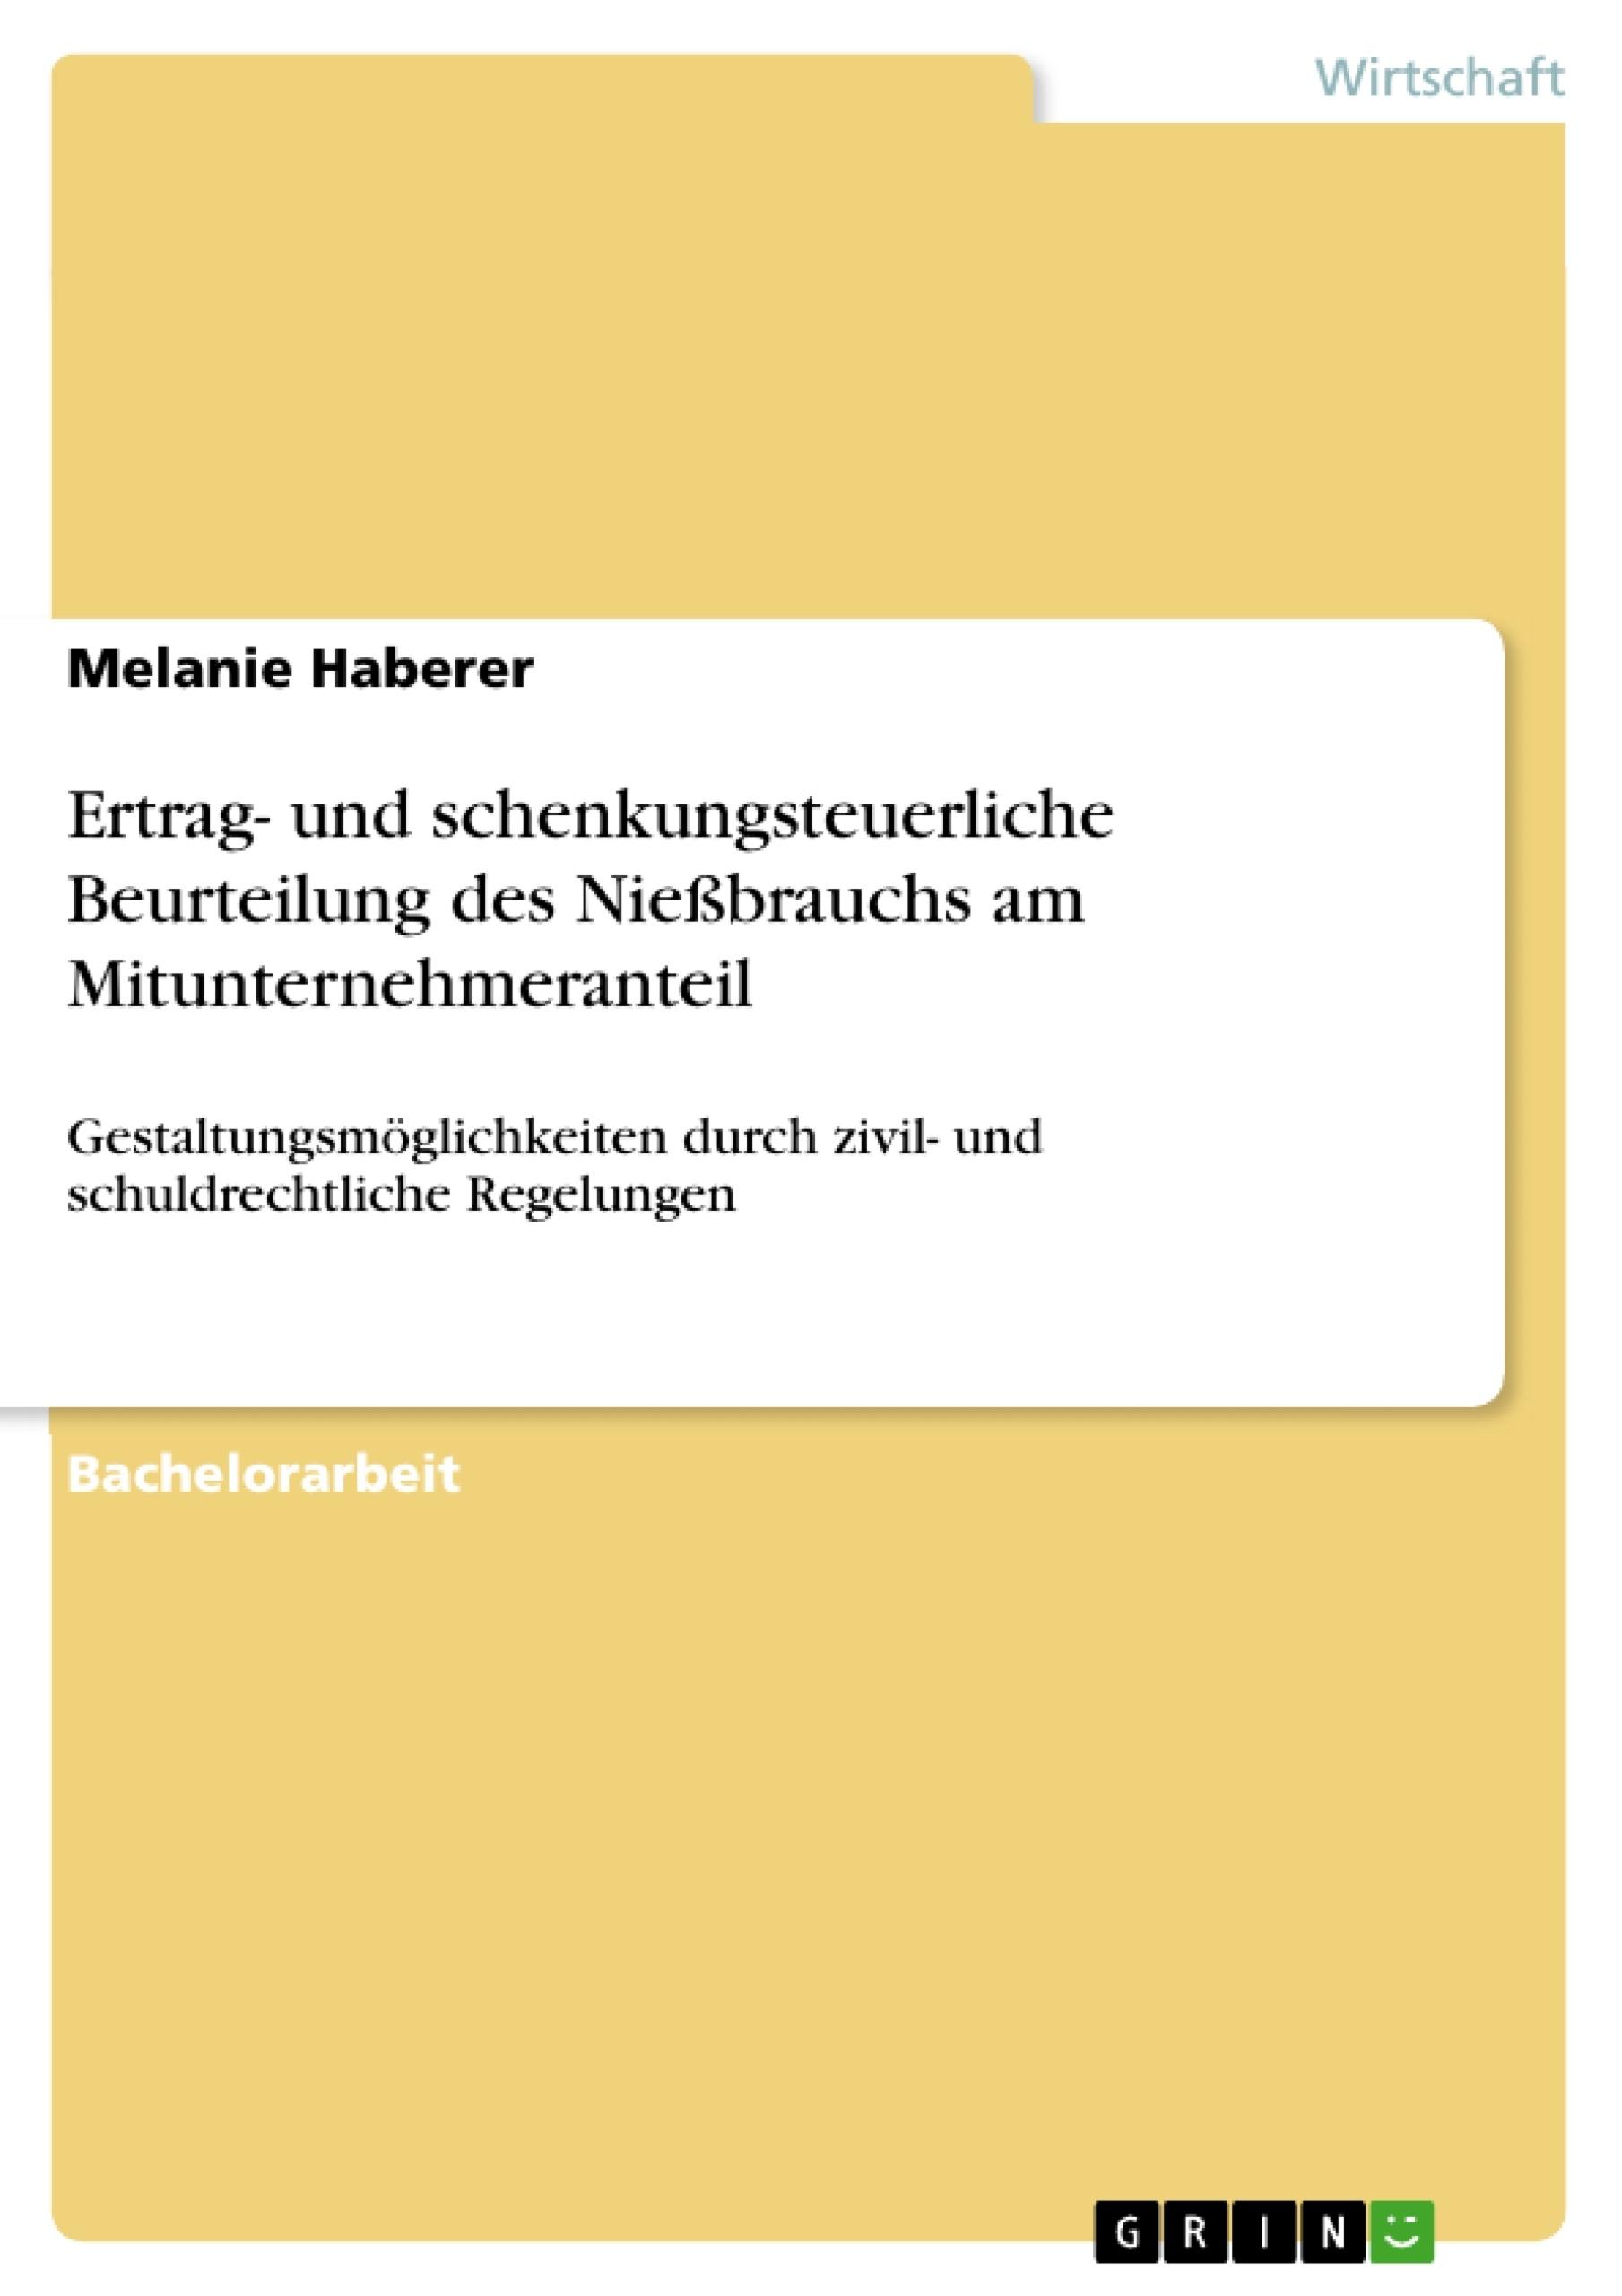 Titel: Ertrag- und schenkungsteuerliche Beurteilung des Nießbrauchs am Mitunternehmeranteil